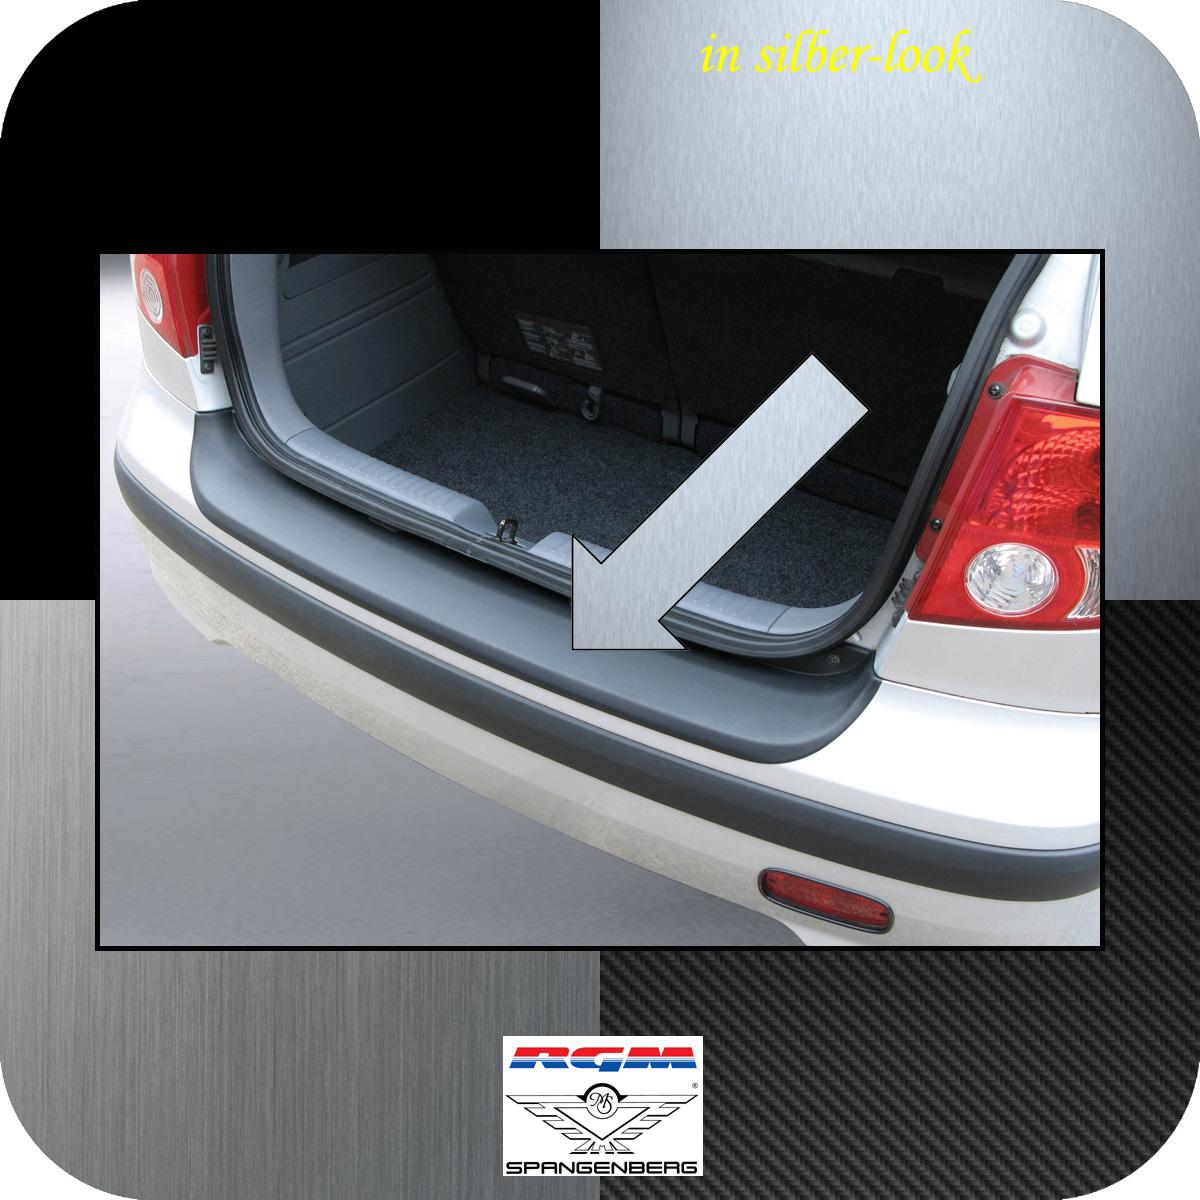 Ladekantenschutz Silber-Look Hyundai Getz Schrägheck vor Mopf 2002-05 3506211